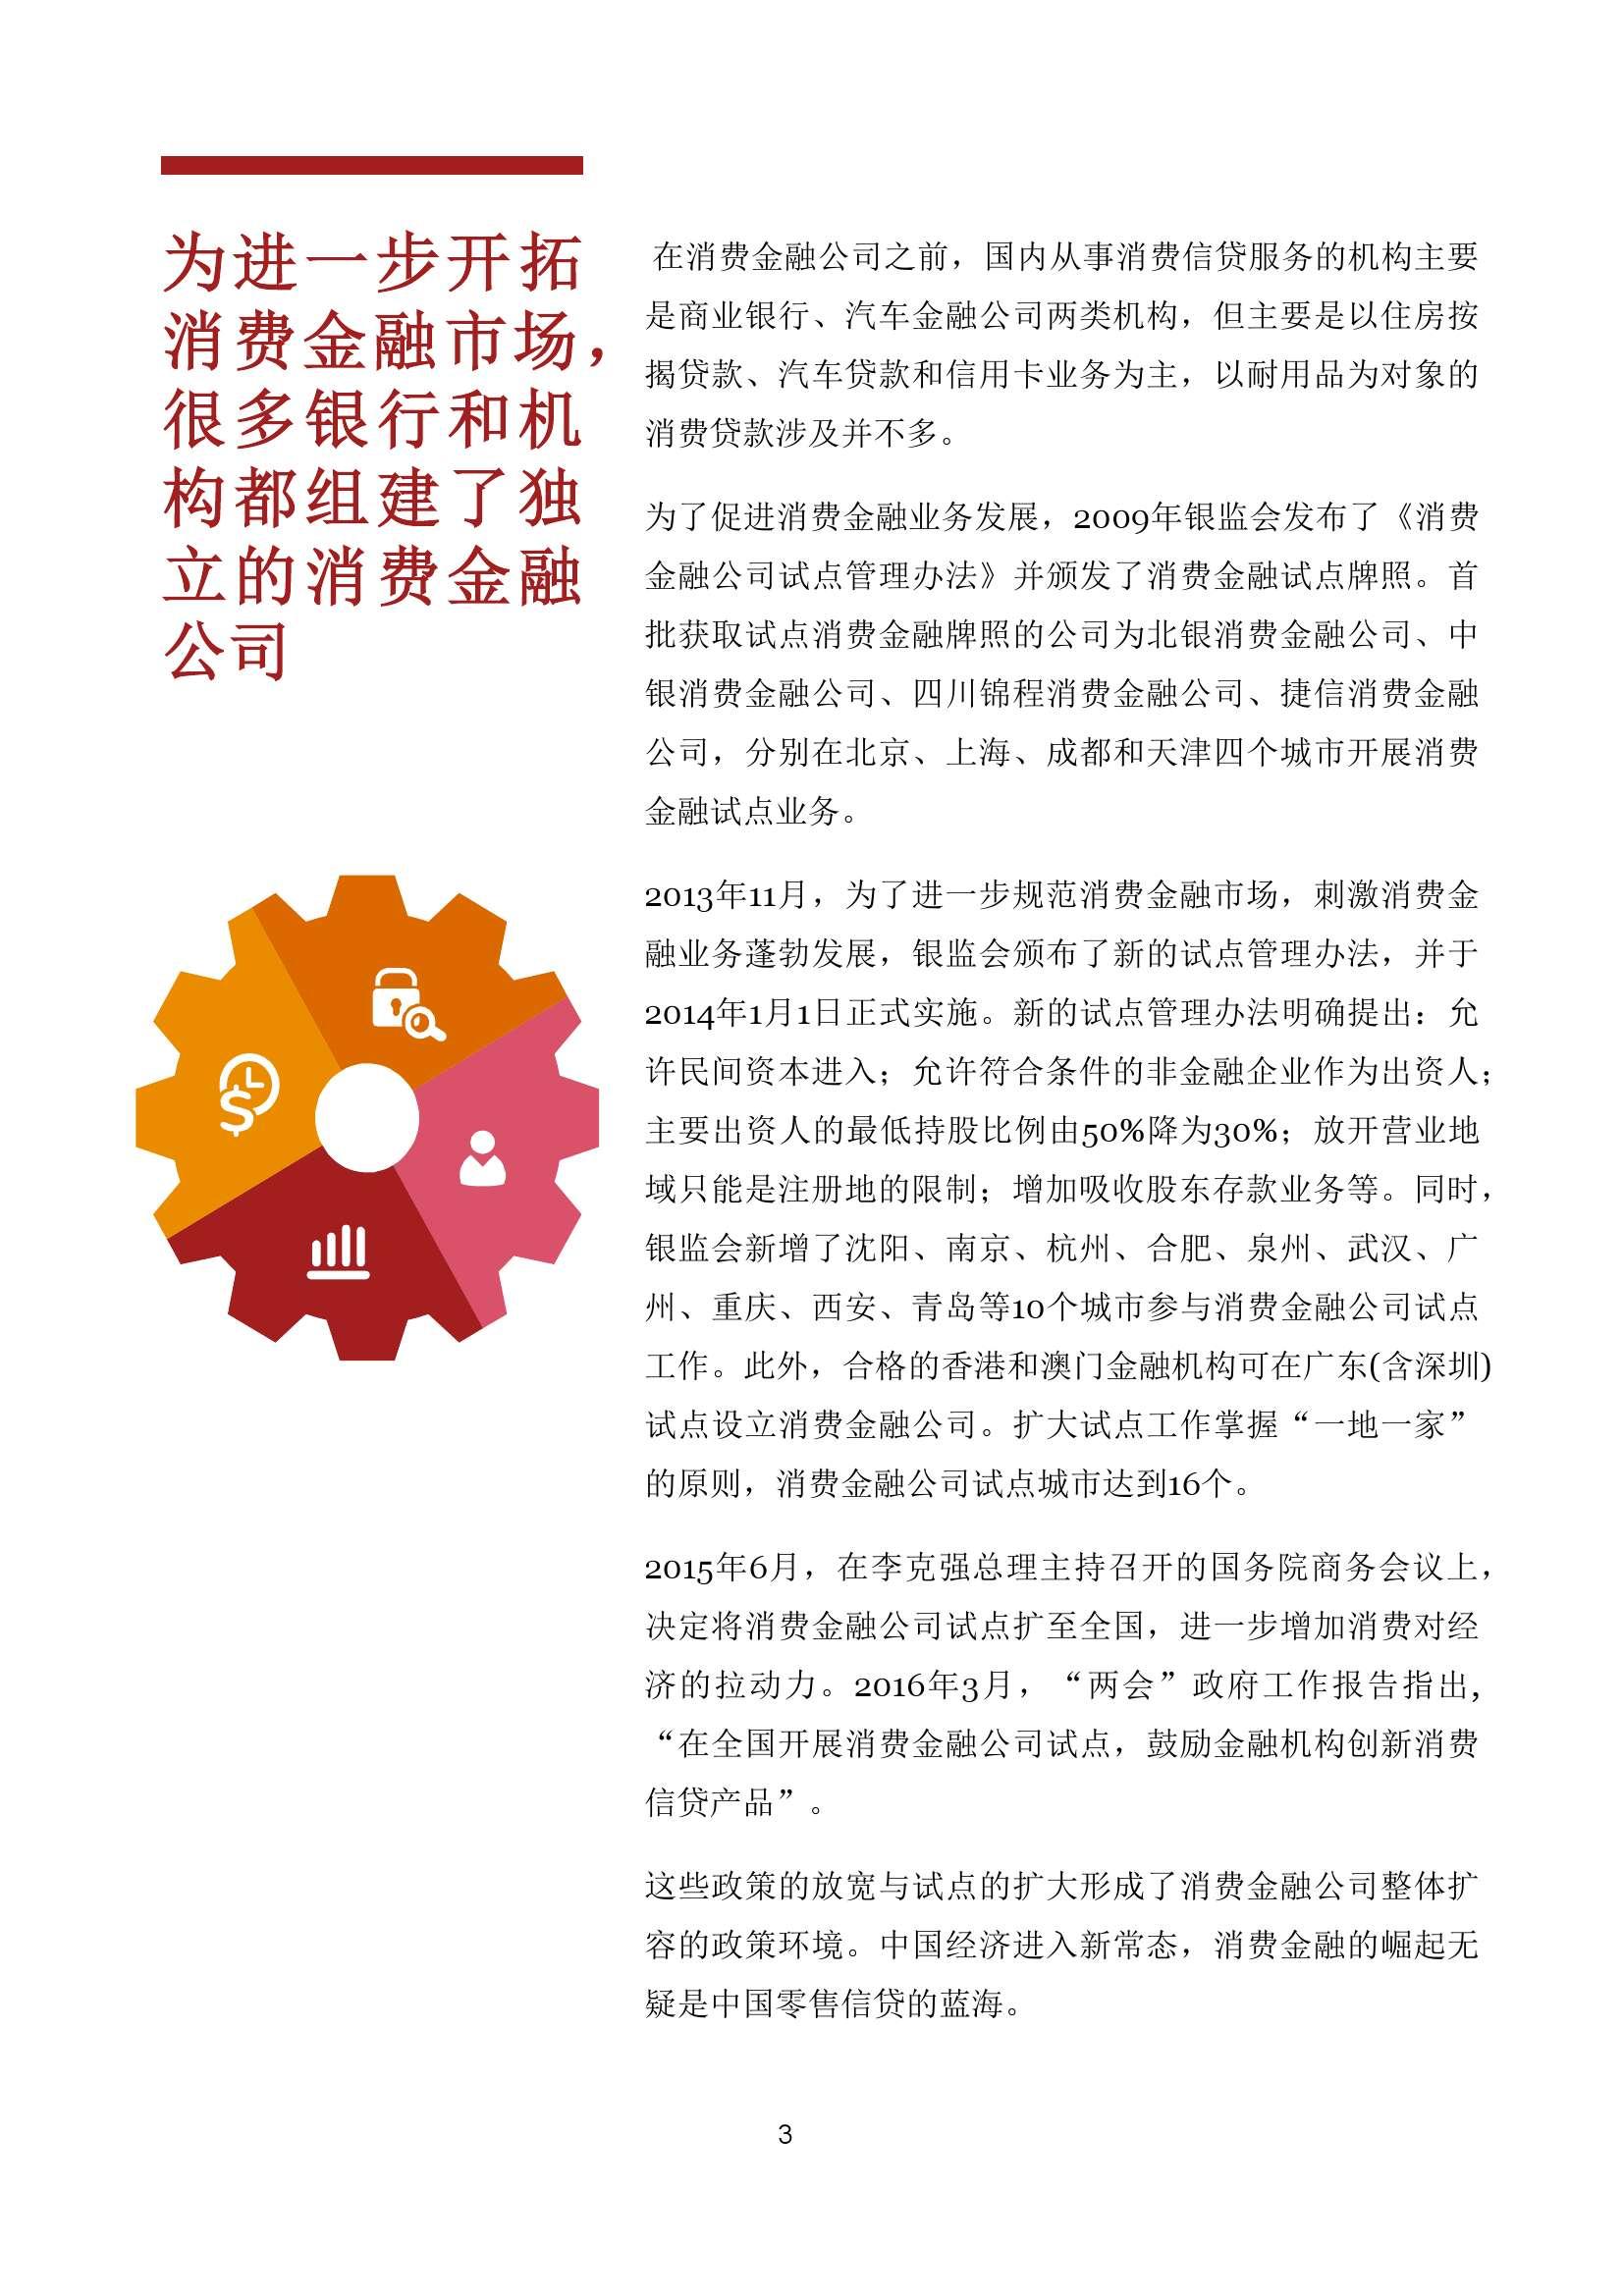 中国零售银行的蓝海_000003